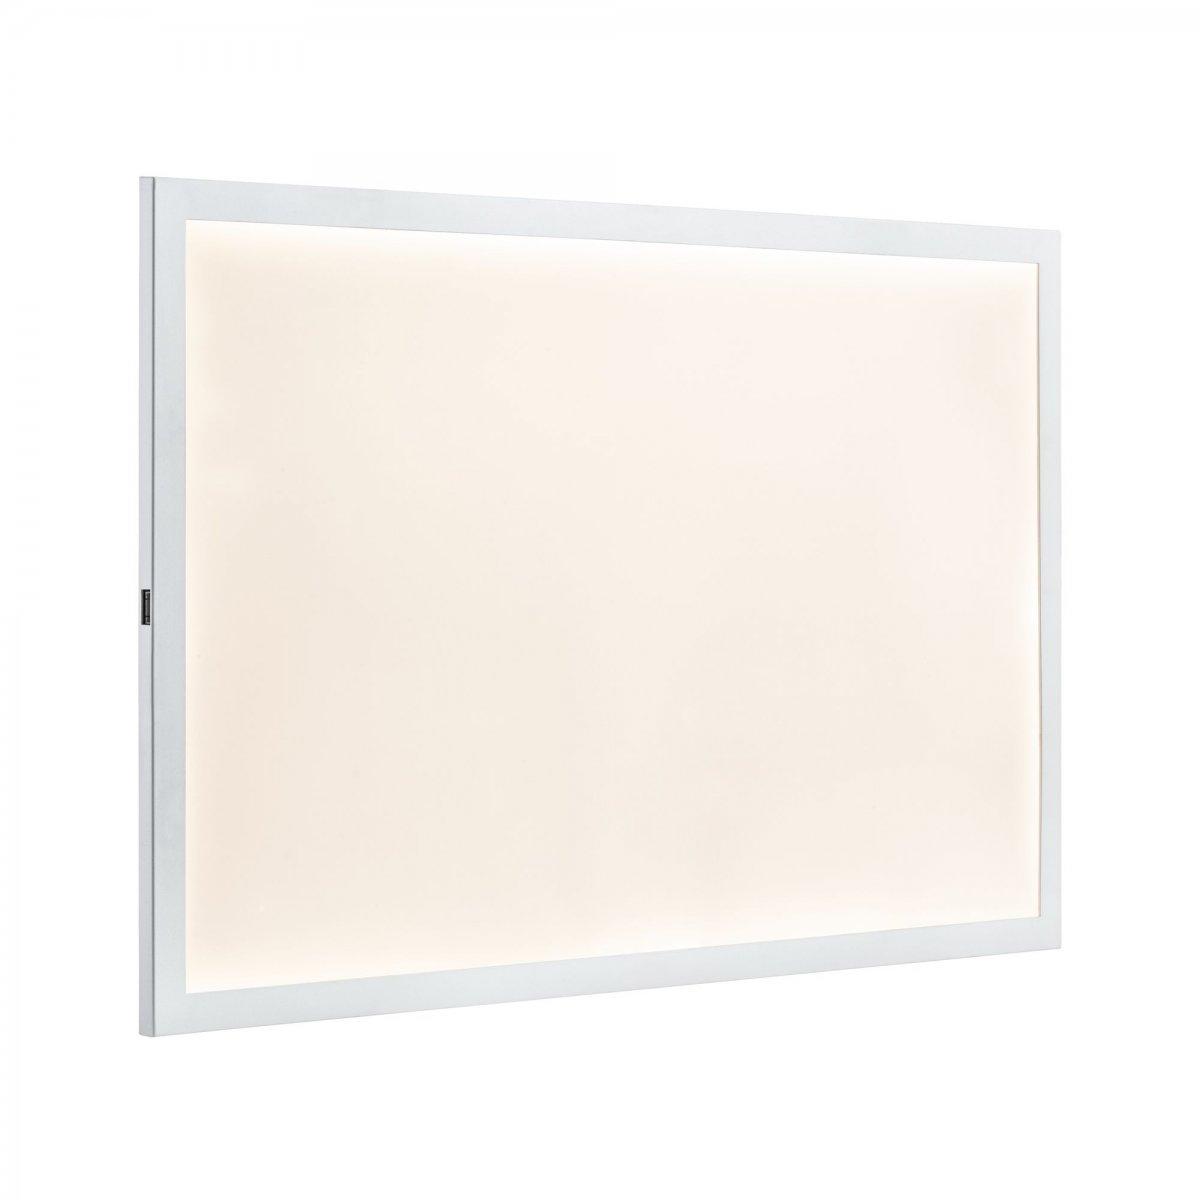 Led Lampen Panel : Paulmann no led panel glow w weiß warmweiß erweiterung